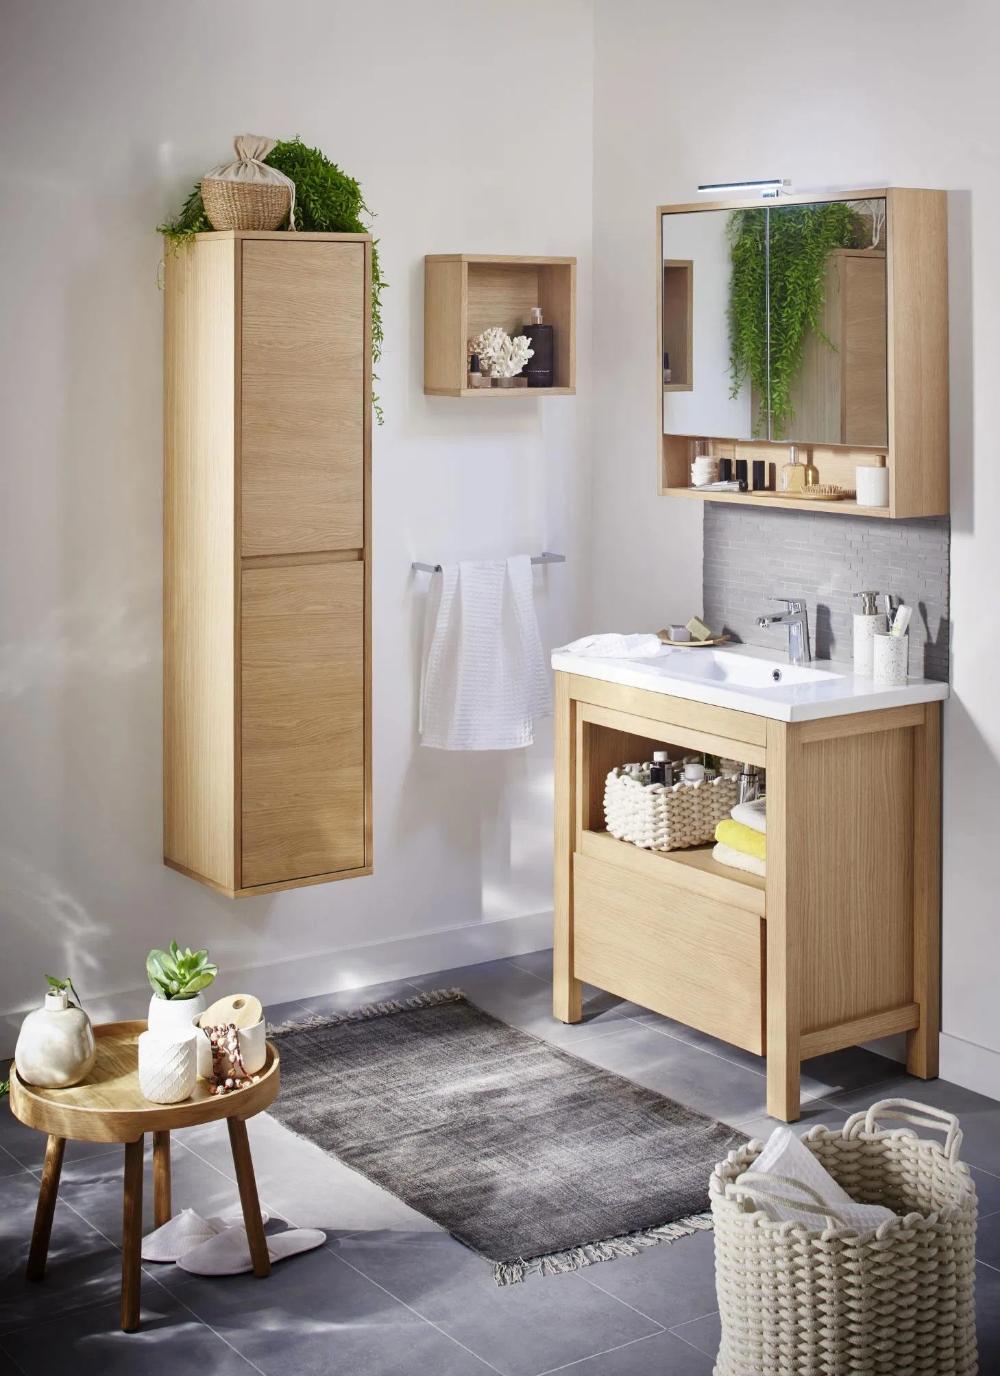 meuble salle de bain ytrac lapeyre - Recherche Google  Meuble